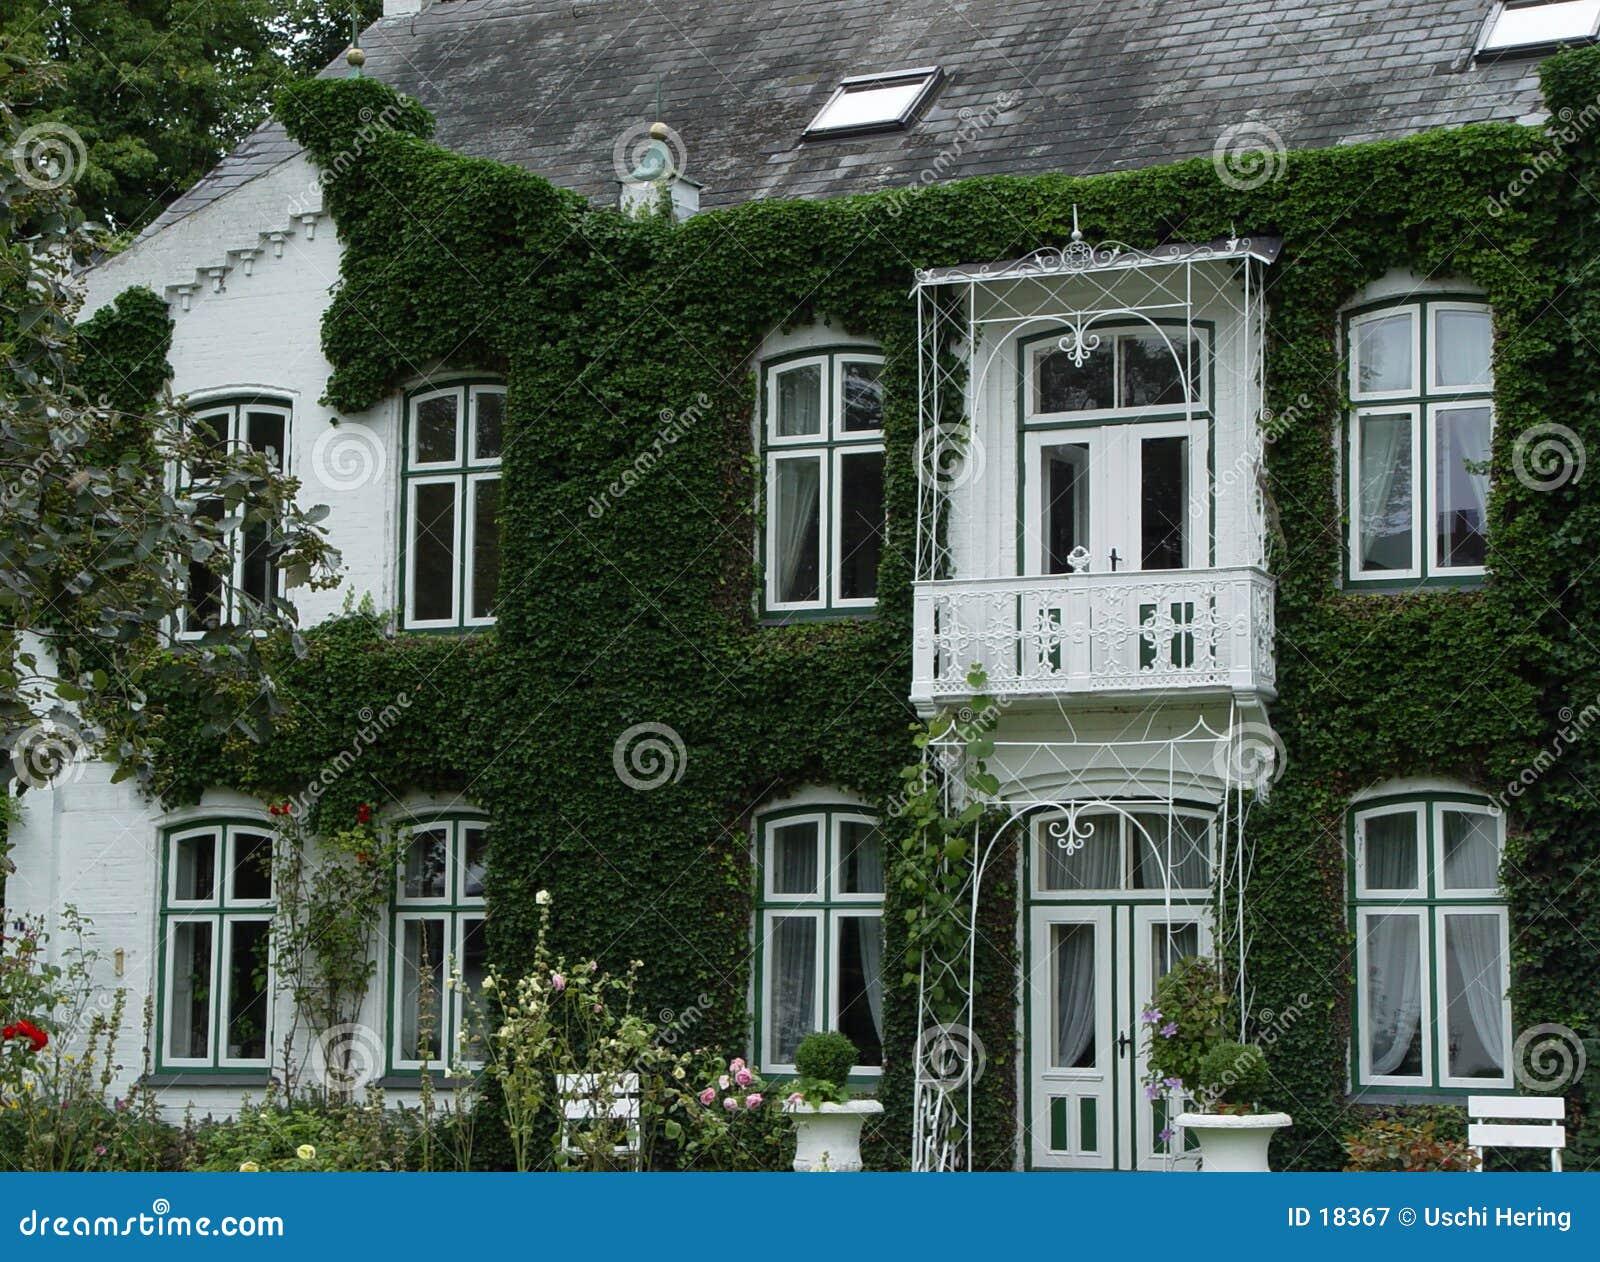 ivy villa